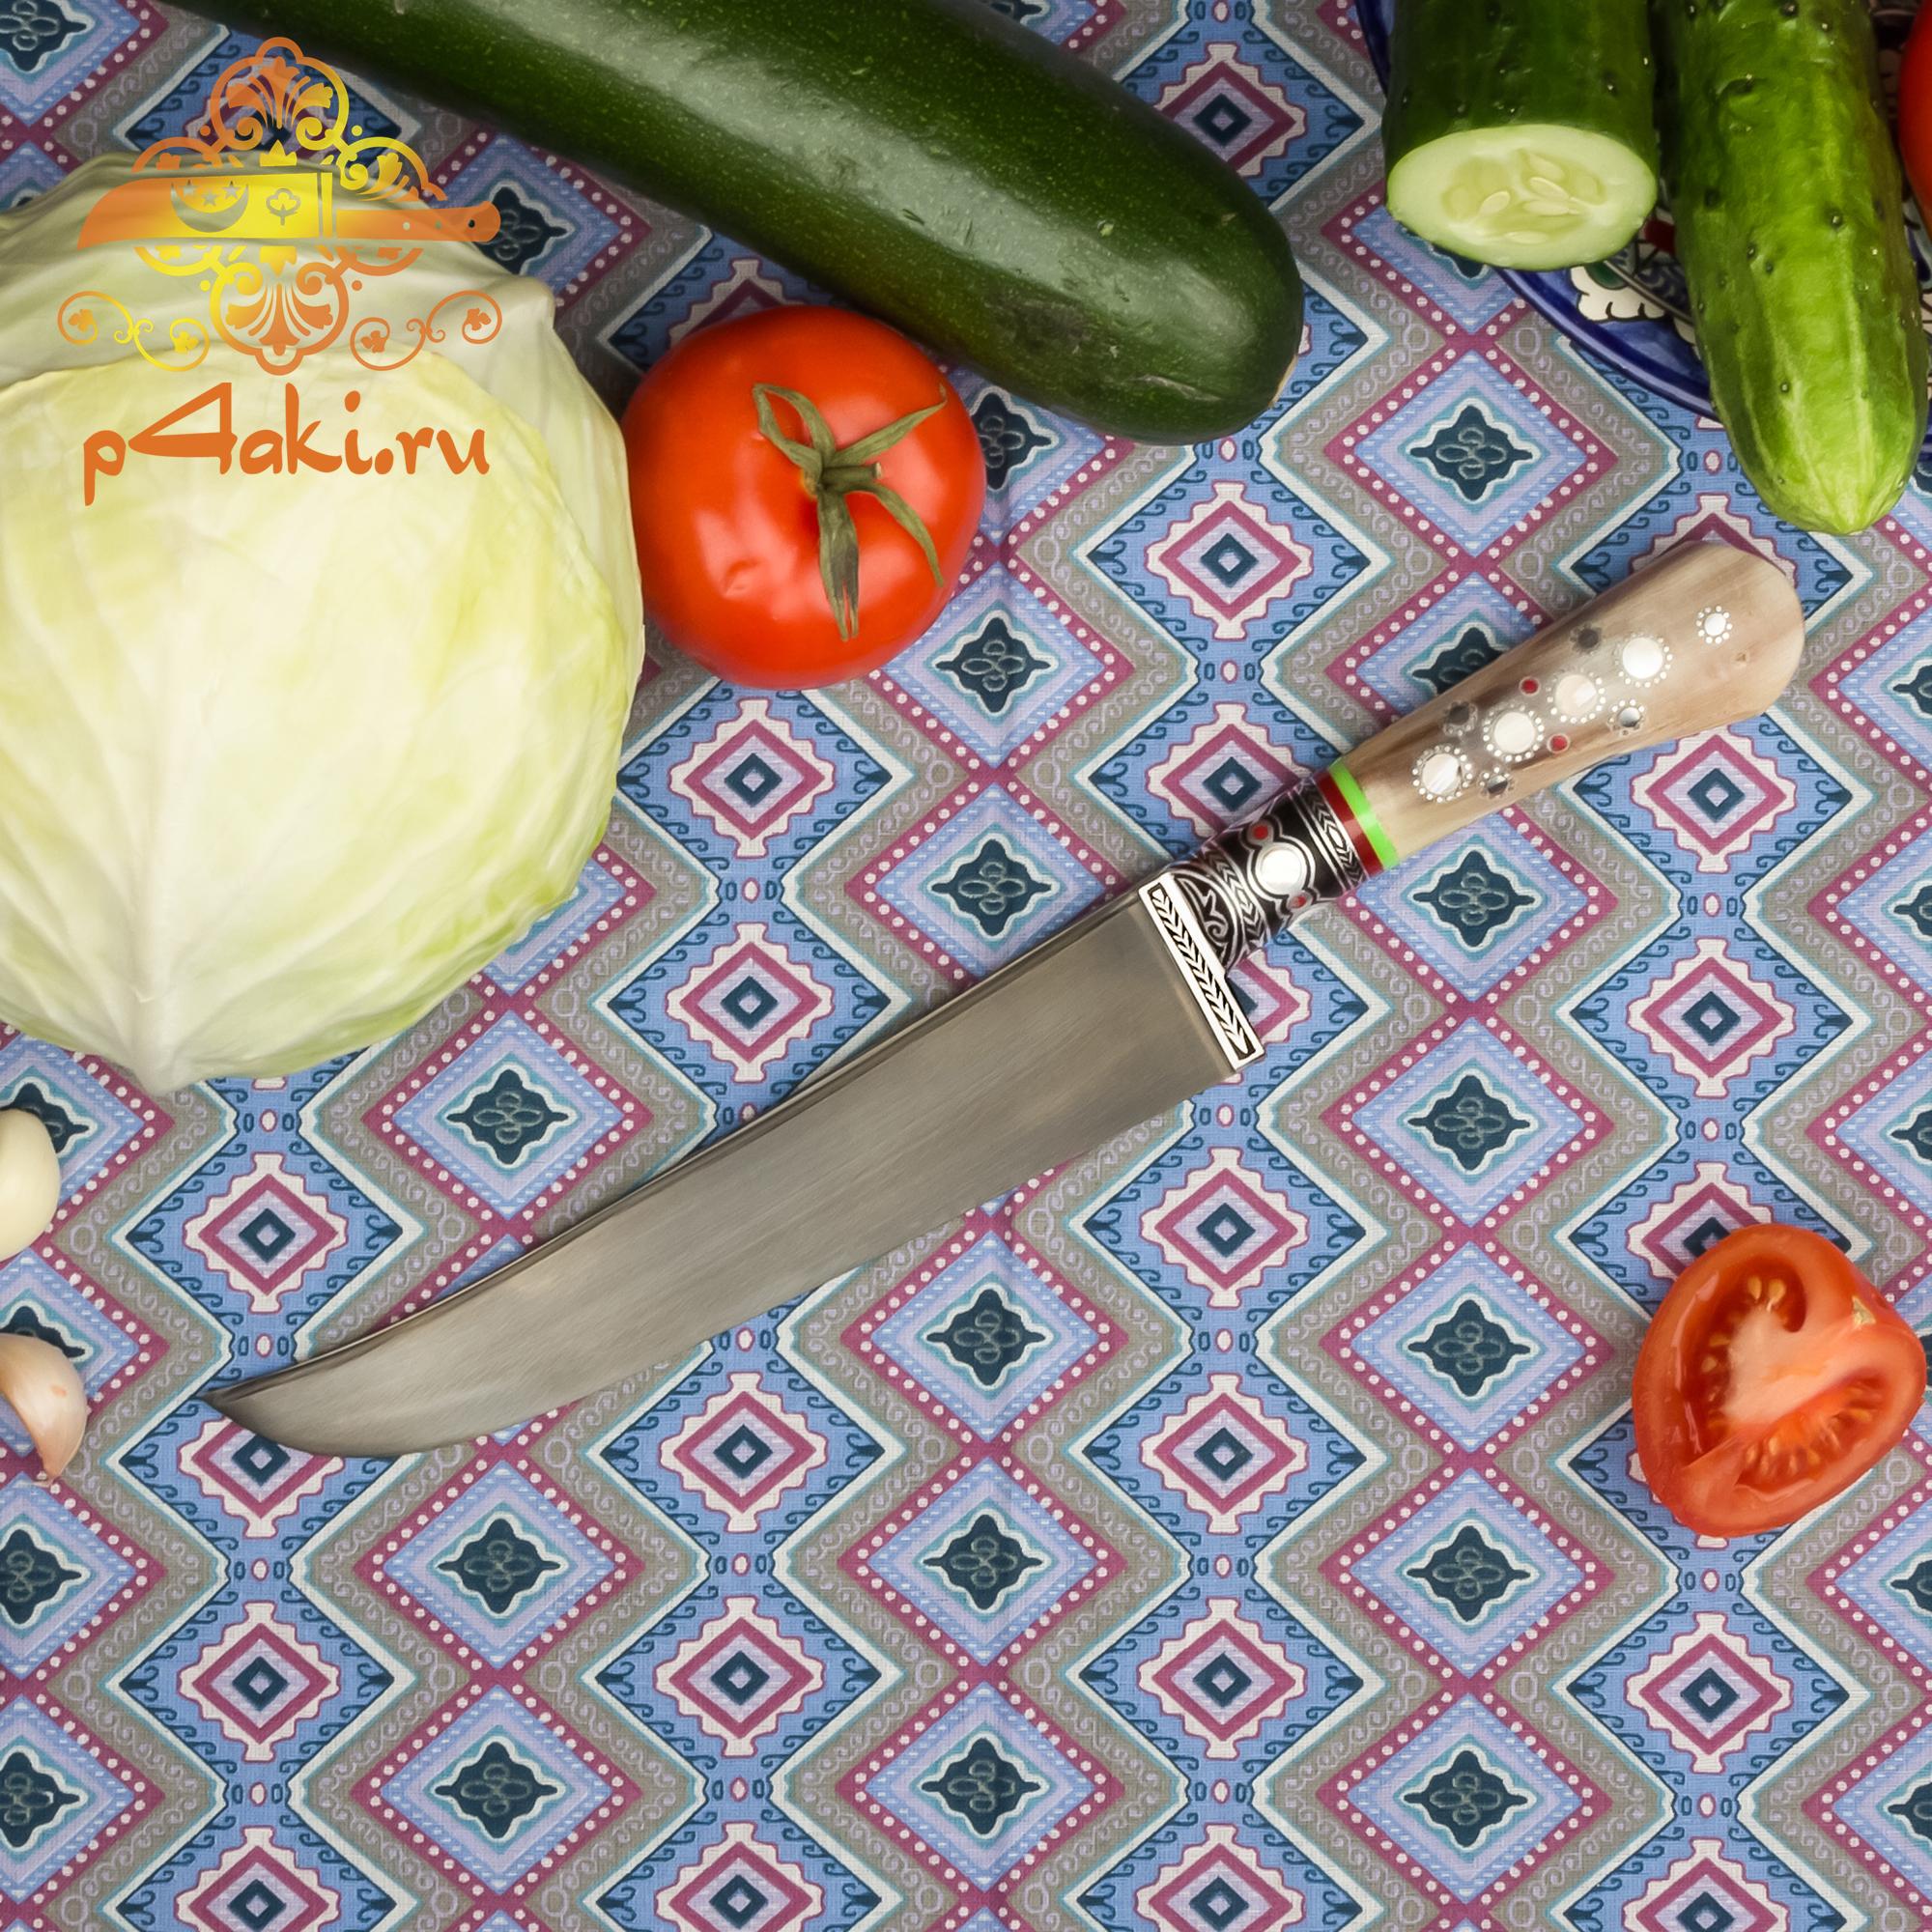 Нож Ог суяк, рукоять рог архара (рукоять с накладным монтажом «Ерма доста») со вставками перламутра (садаф) и чермяхи